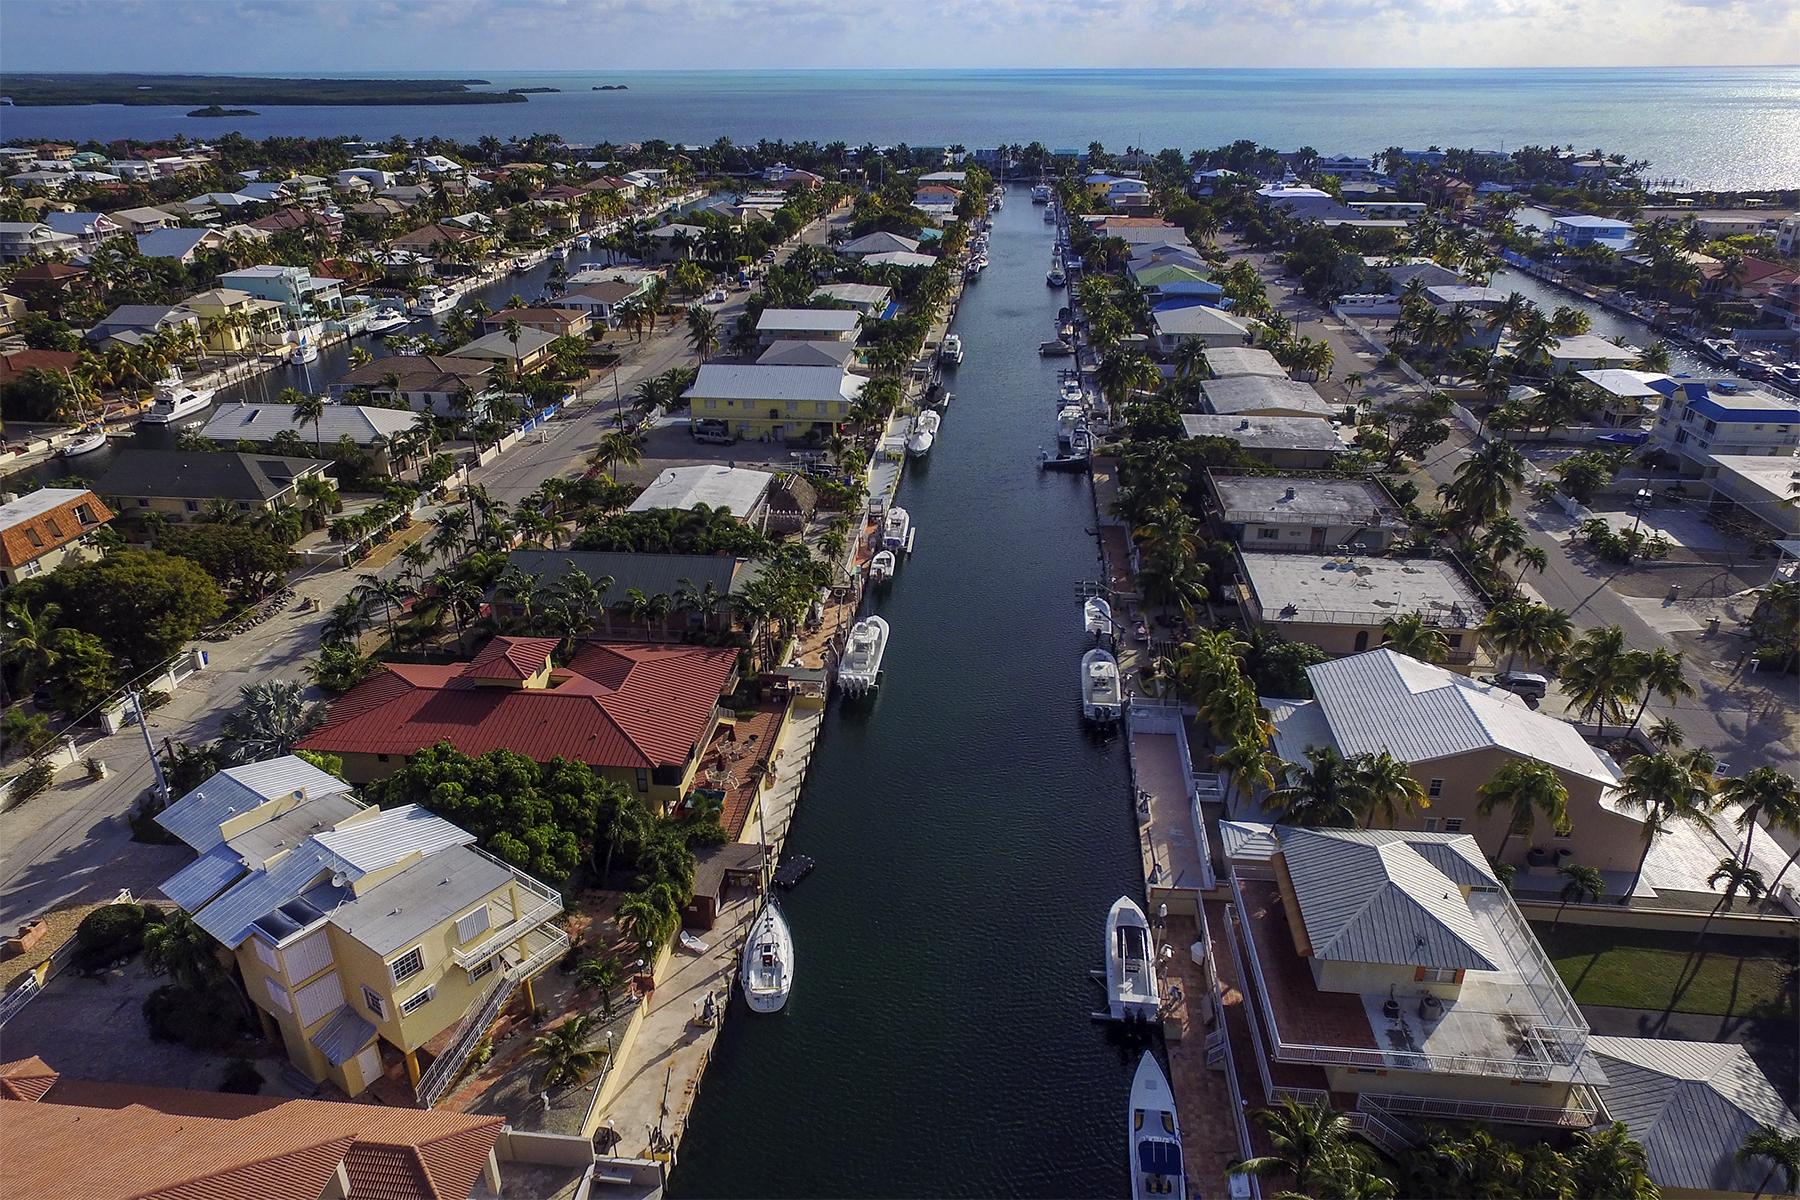 多户住宅 为 销售 在 Port Largo Waterfront Duplex 263 Saint Thomas Ave 拉哥, 佛罗里达州, 33037 美国